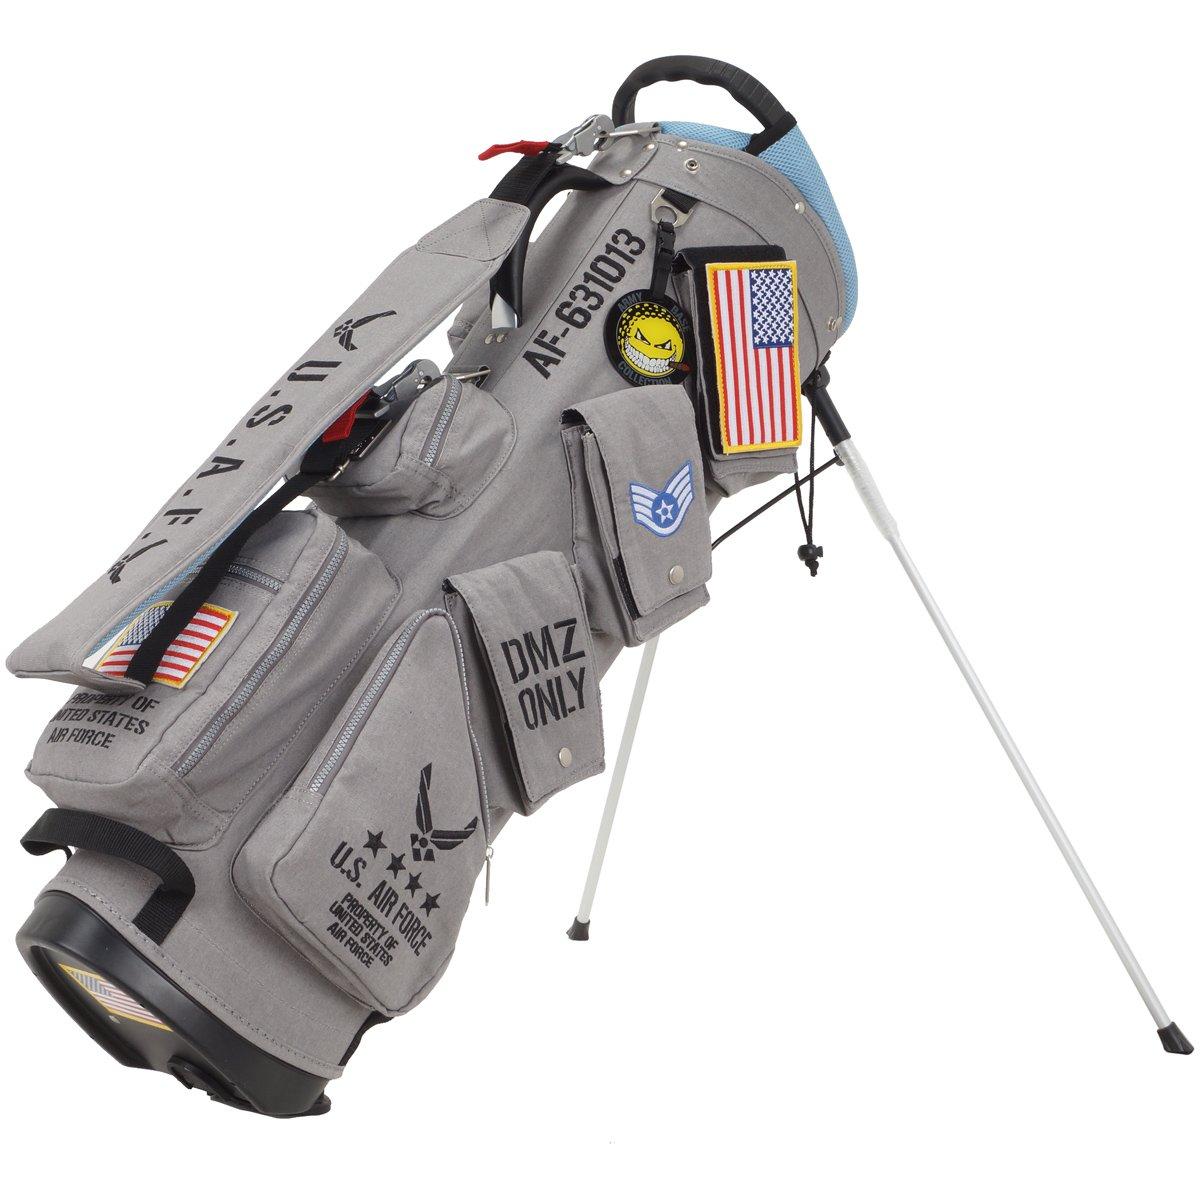 アーミーベースコレクション キャディバッグ U.S AIR FORCE スタンドバッグ ABC-021SB グレー [ABC021SB] B076BK1NKC